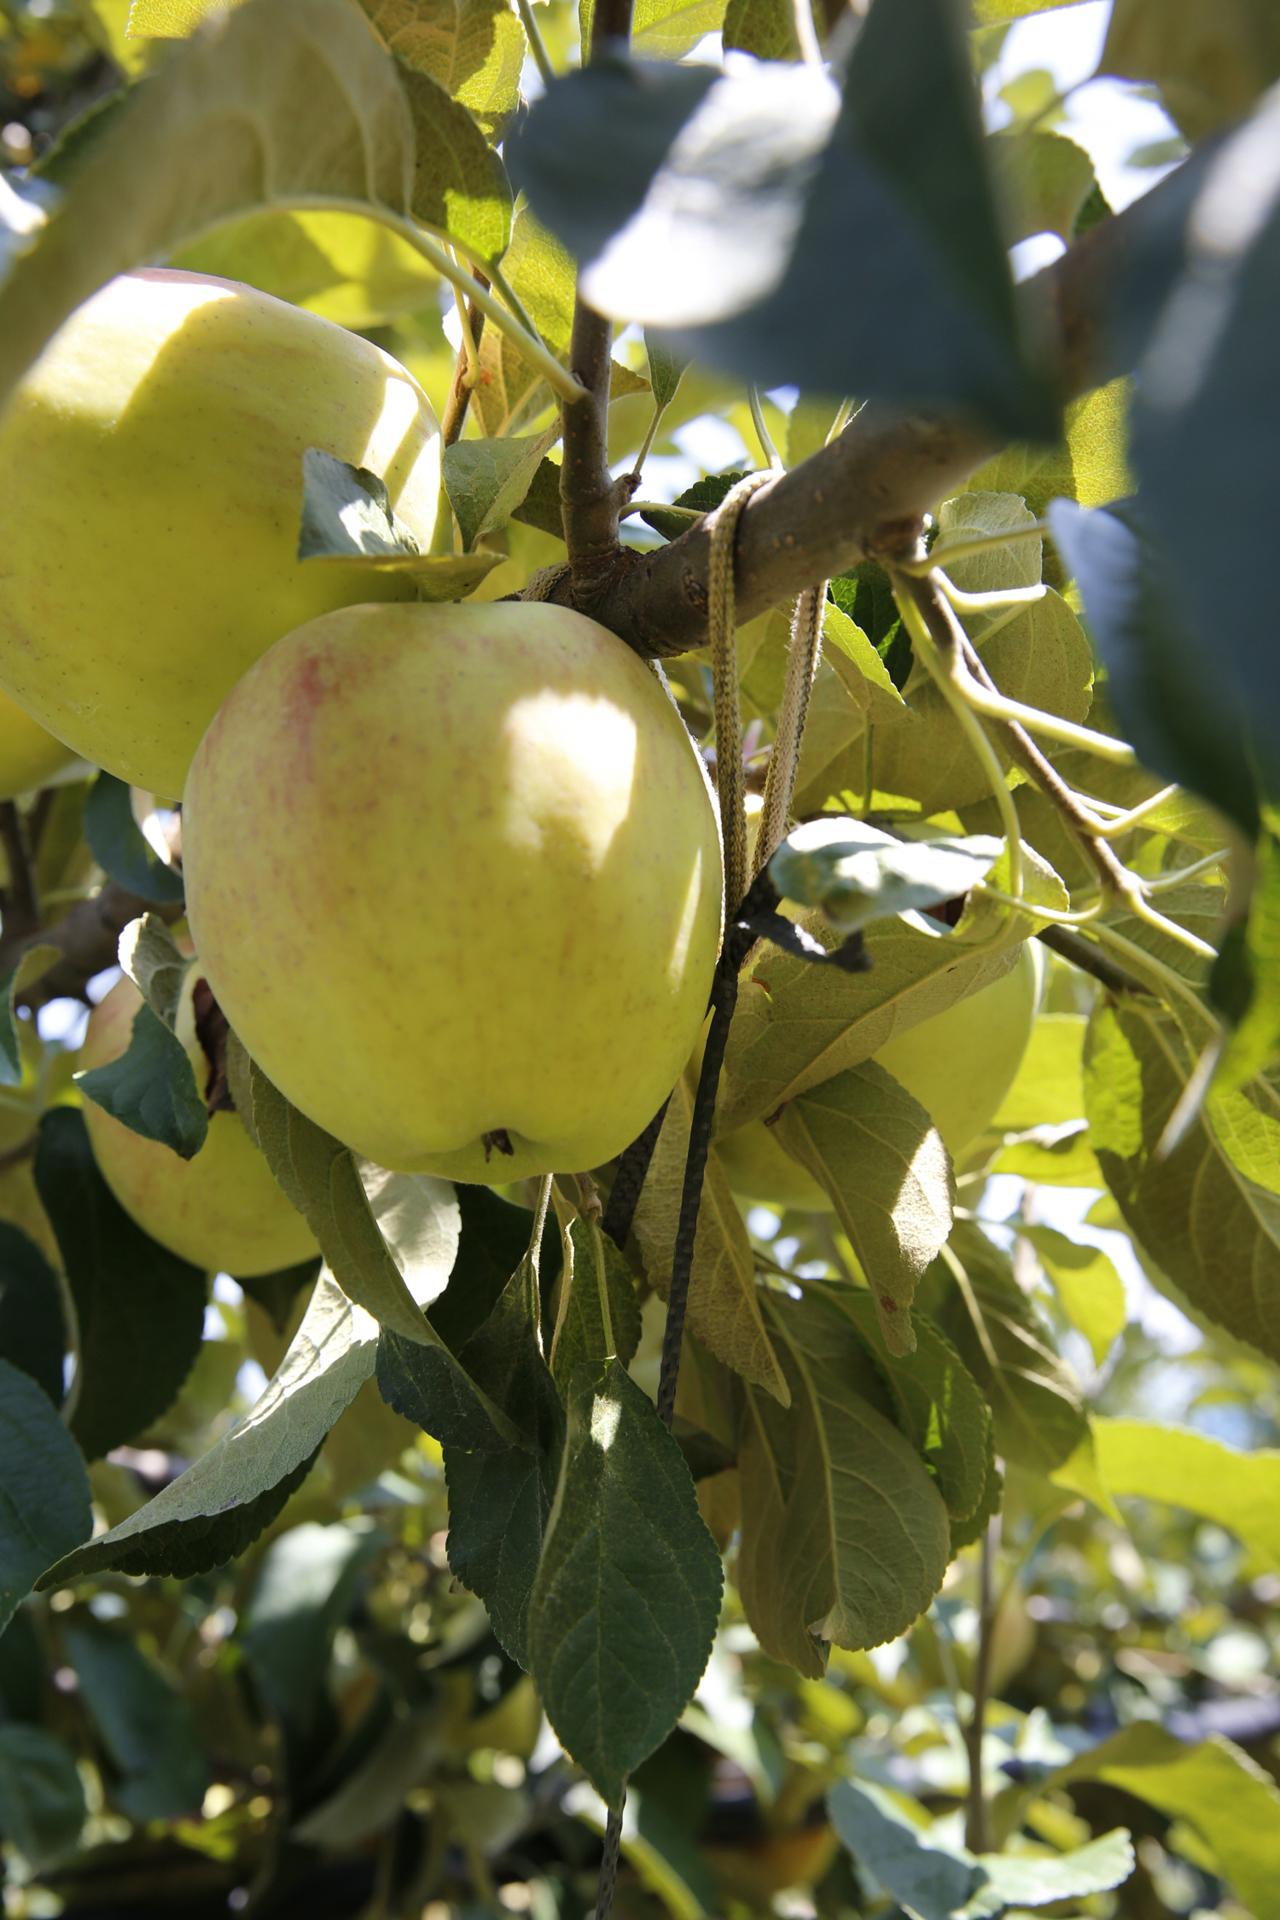 탐스럽게 익어가는 과일도 낙과되지 않게 폭염을 잘 견뎌낸 사과가 태풍에 떨어지지 않을까 노심초사하며 농가에서는 낙과에 대비해 나무가지를 단단히 동여맸다.